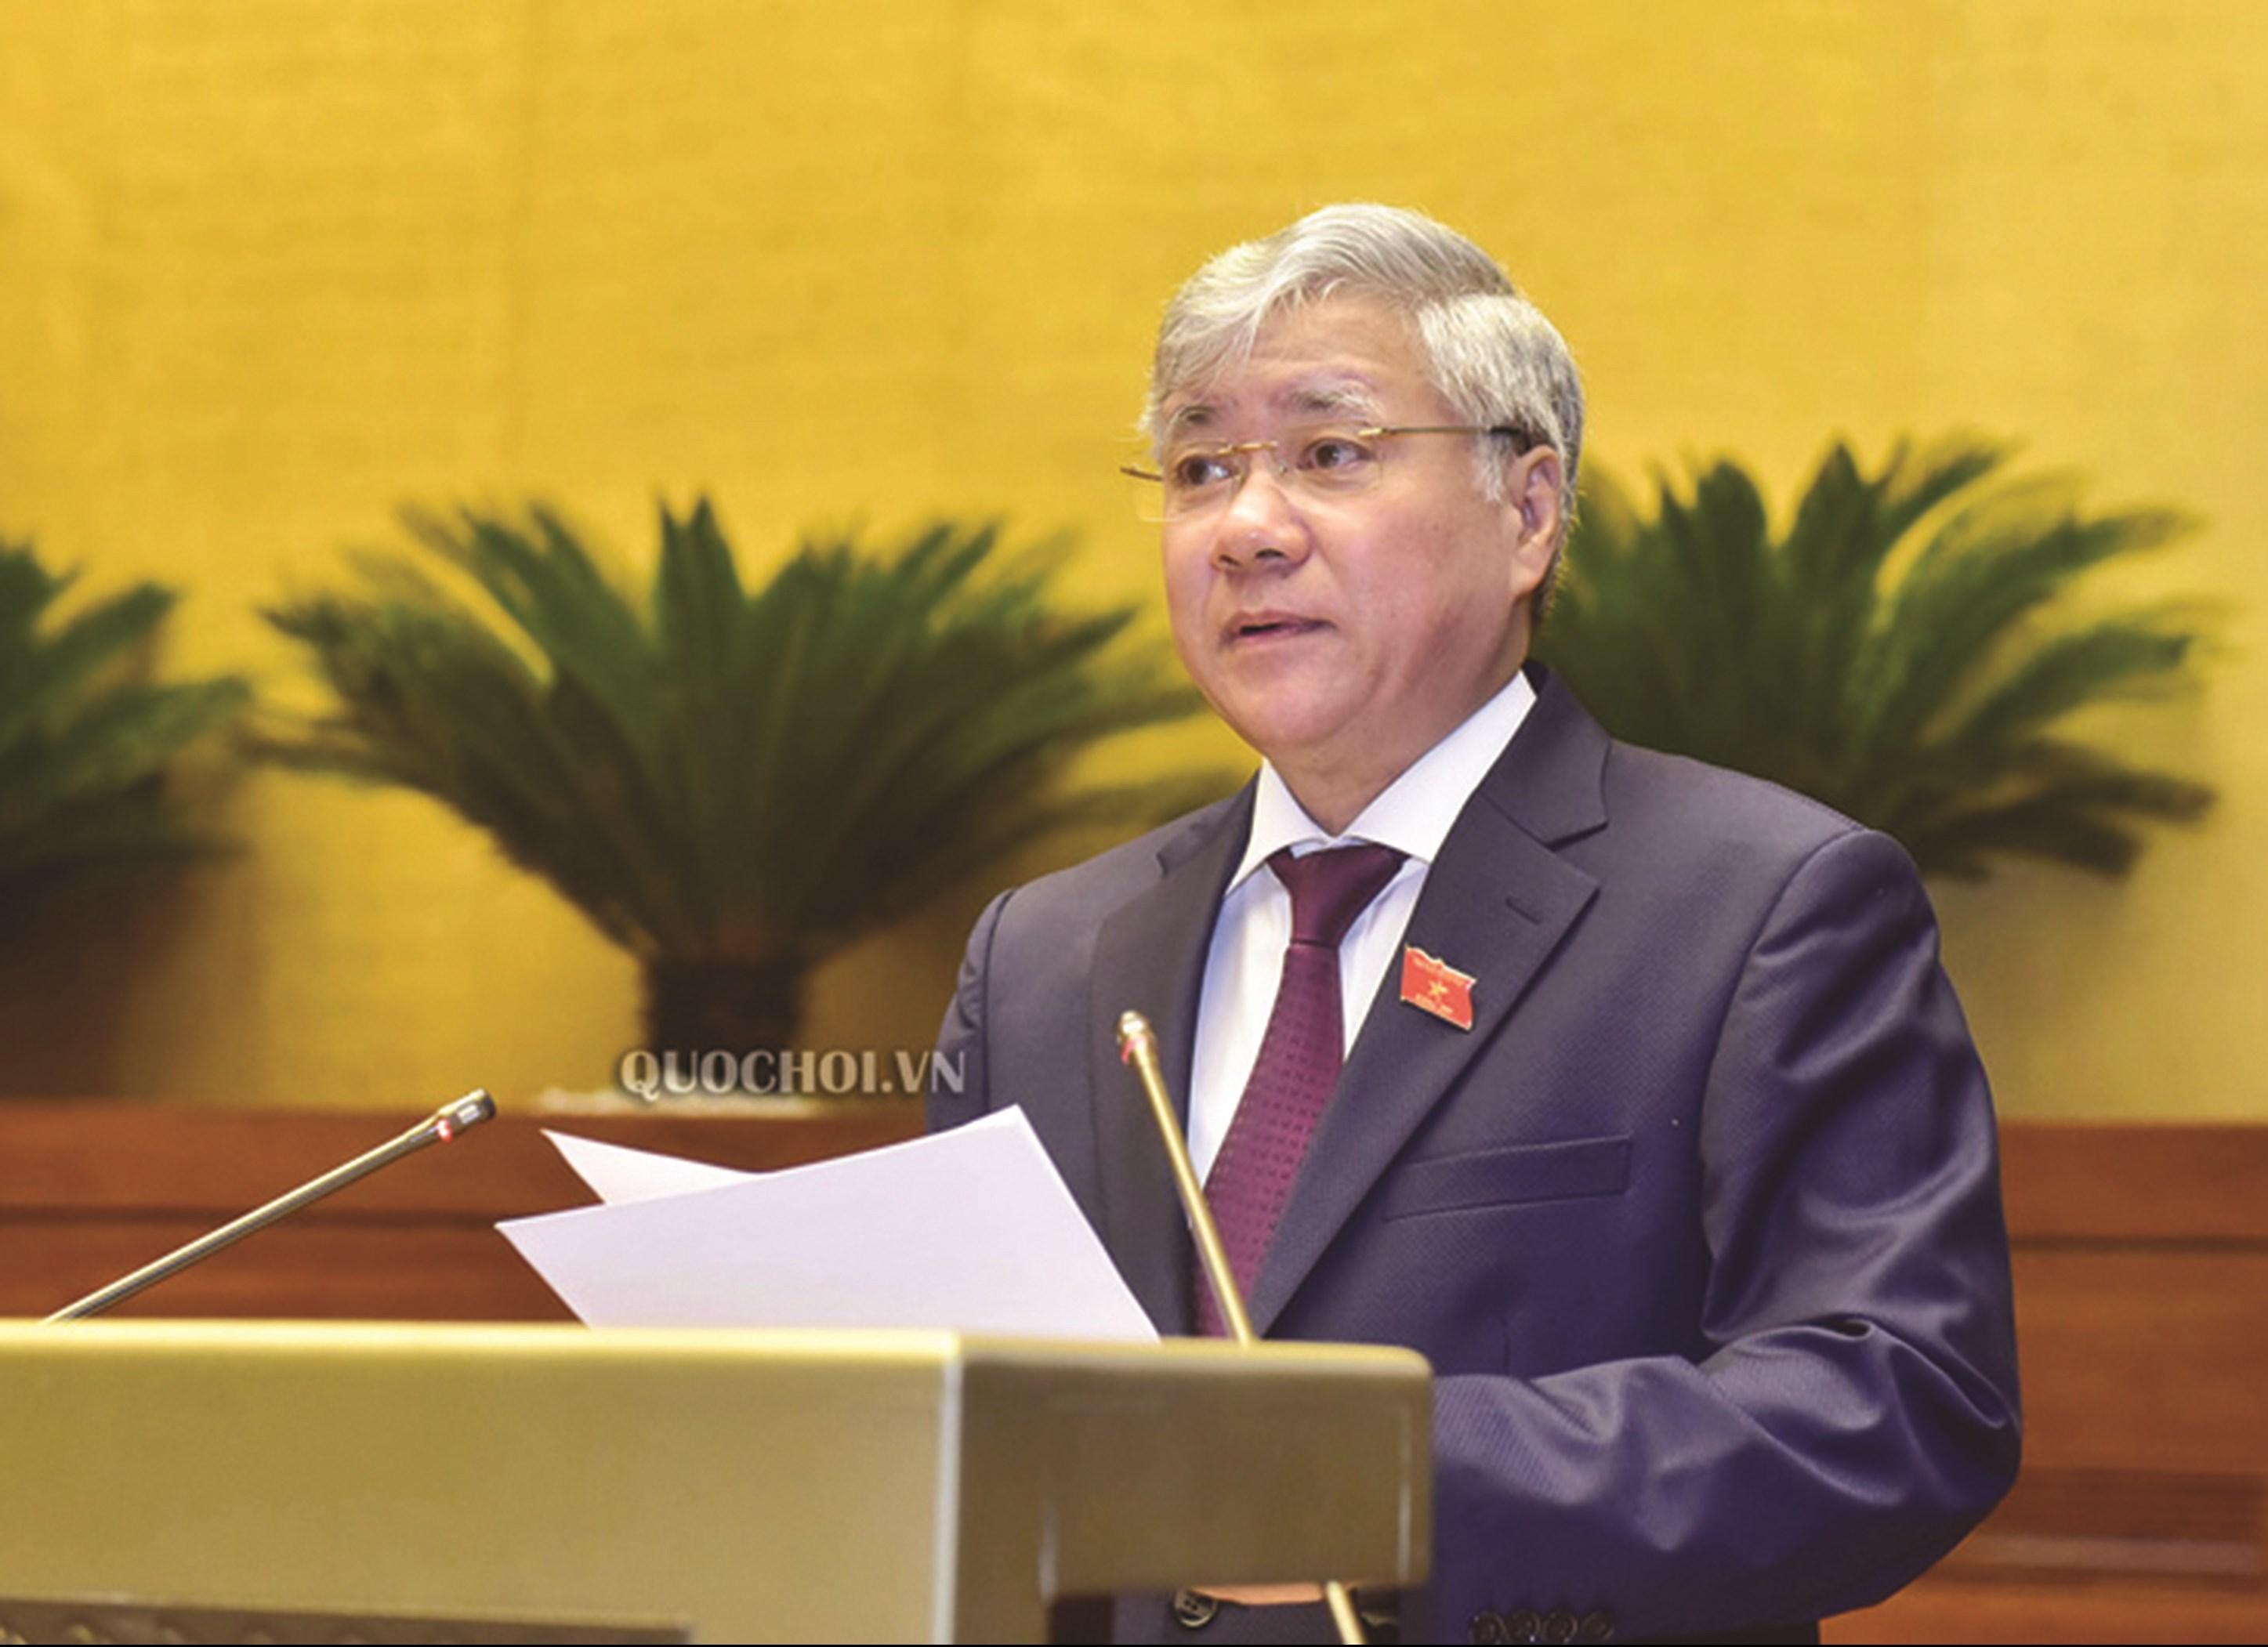 """Bộ trưởng, Chủ nhiệm Ủy ban Dân tộc Đỗ Văn Chiến báo cáo trước Quốc hội """"Chương trình mục tiêu quốc gia phát triển KT-XH vùng đồng bào dân tộc thiểu số và miền núi"""", giai đoạn 2021-2030."""